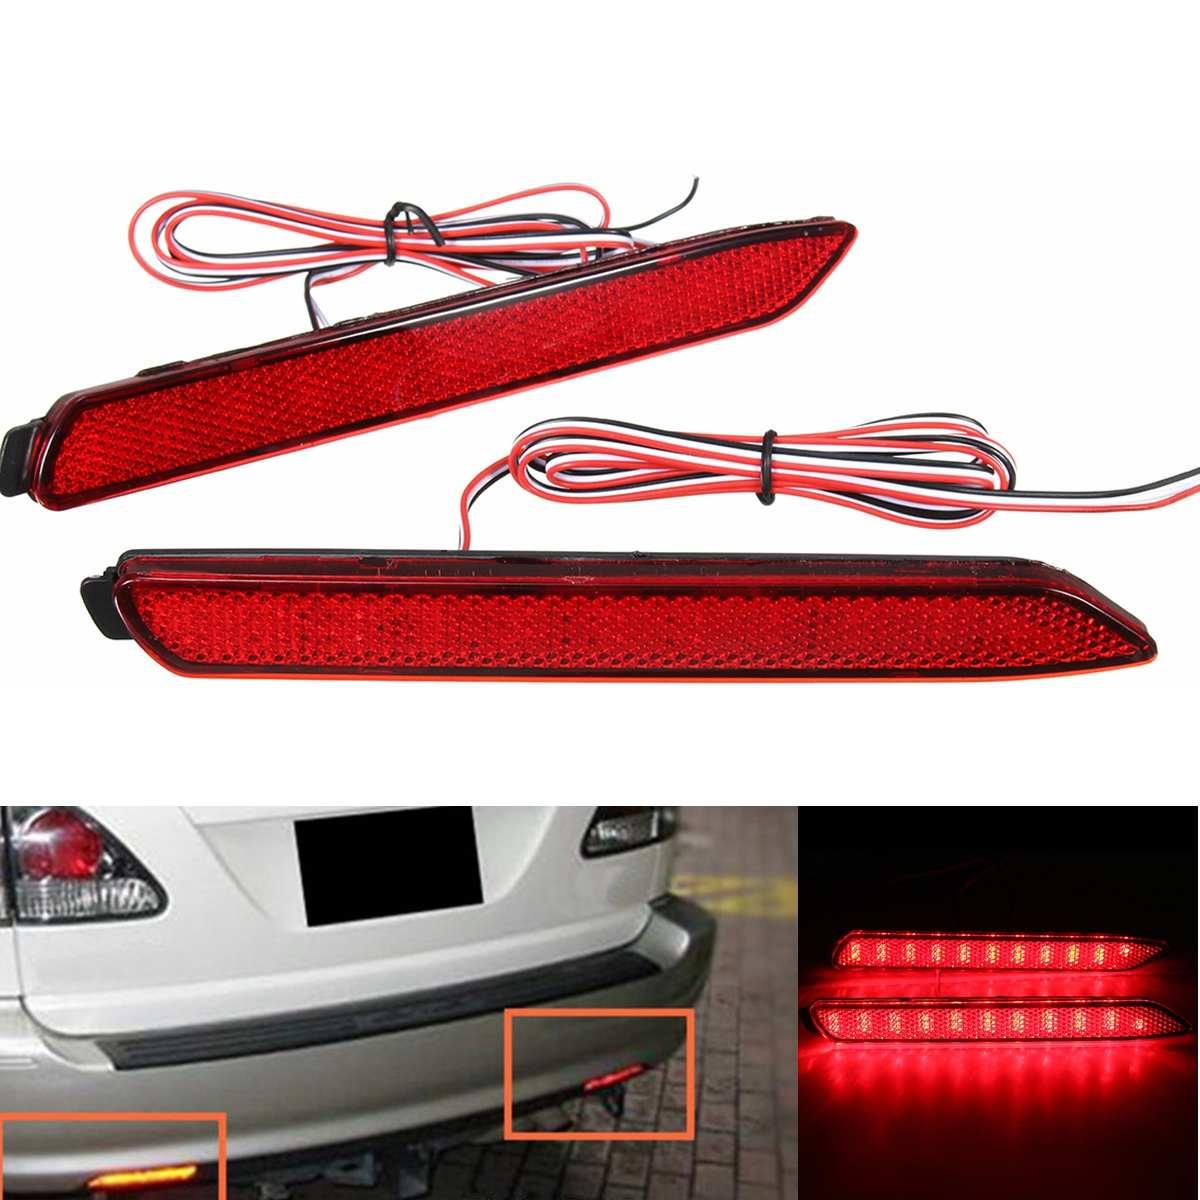 UM Par de Cauda Traseira Do Carro Bumper Luzes LED Para Lexus IS-F GX470 RX300 LEVOU Choques Refletor Traseiro Luzes de Freio OEM estilo Lente Vermelha